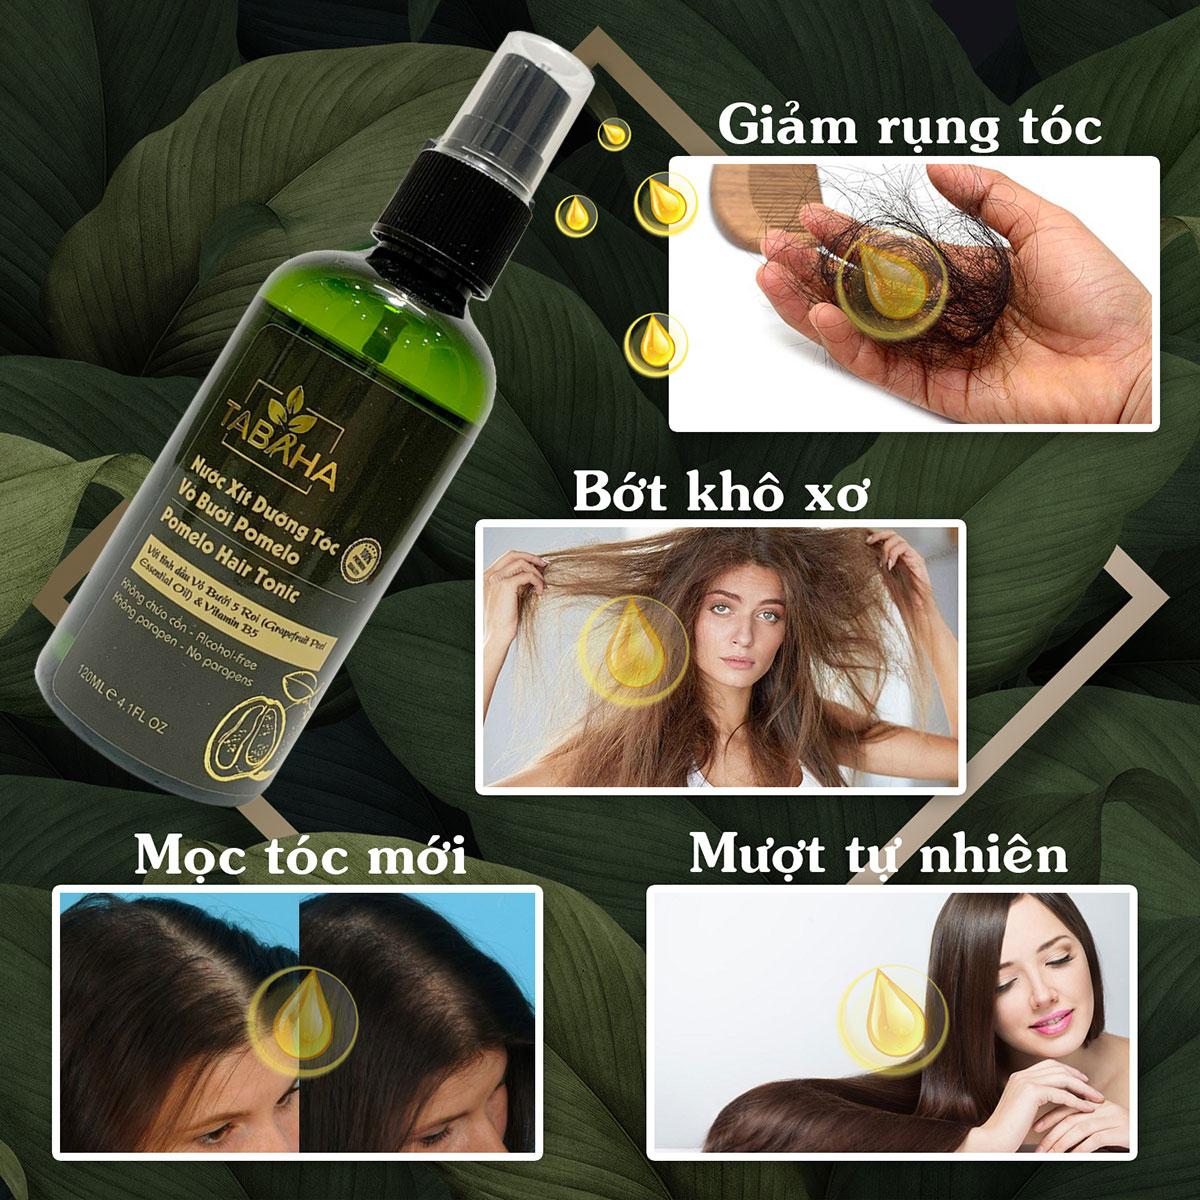 Nước dưỡng tóc tinh dầu bưởi Pomelo Tabaha 120ml giảm rụng tóc, kích thích mọc tóc con